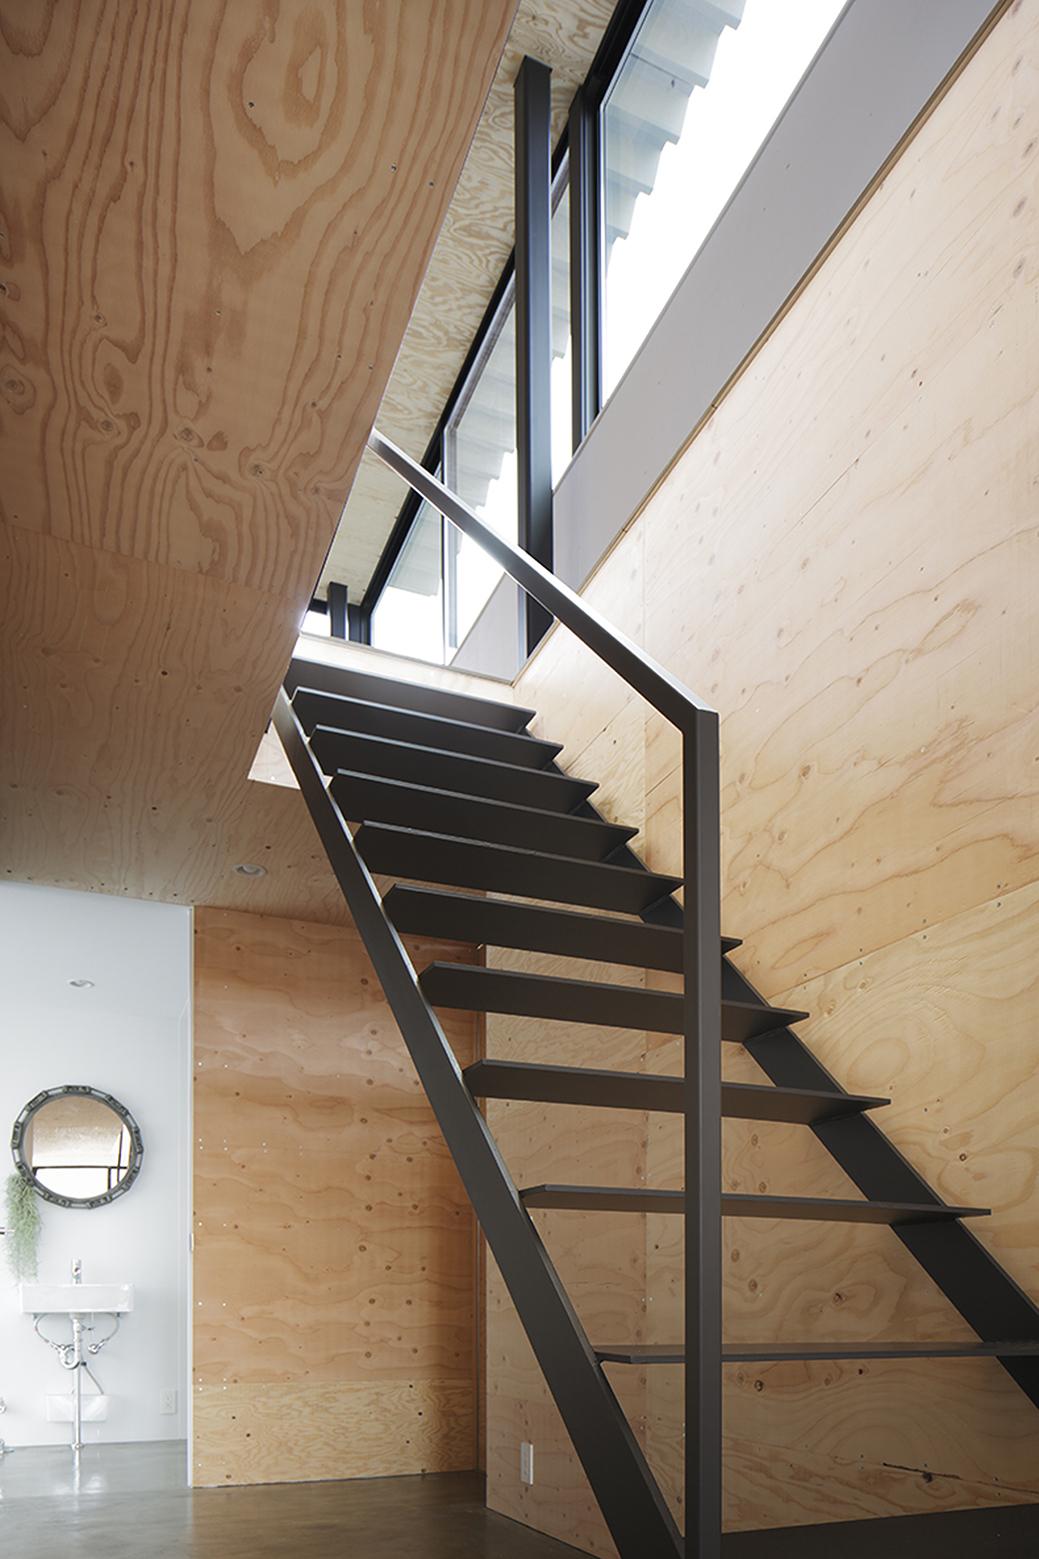 540ea19cc07a808f0a000158_house-in-miyake-hidetaka-nakahara-architects-yoshio-ohno-architects_oono_miyake_140407_038